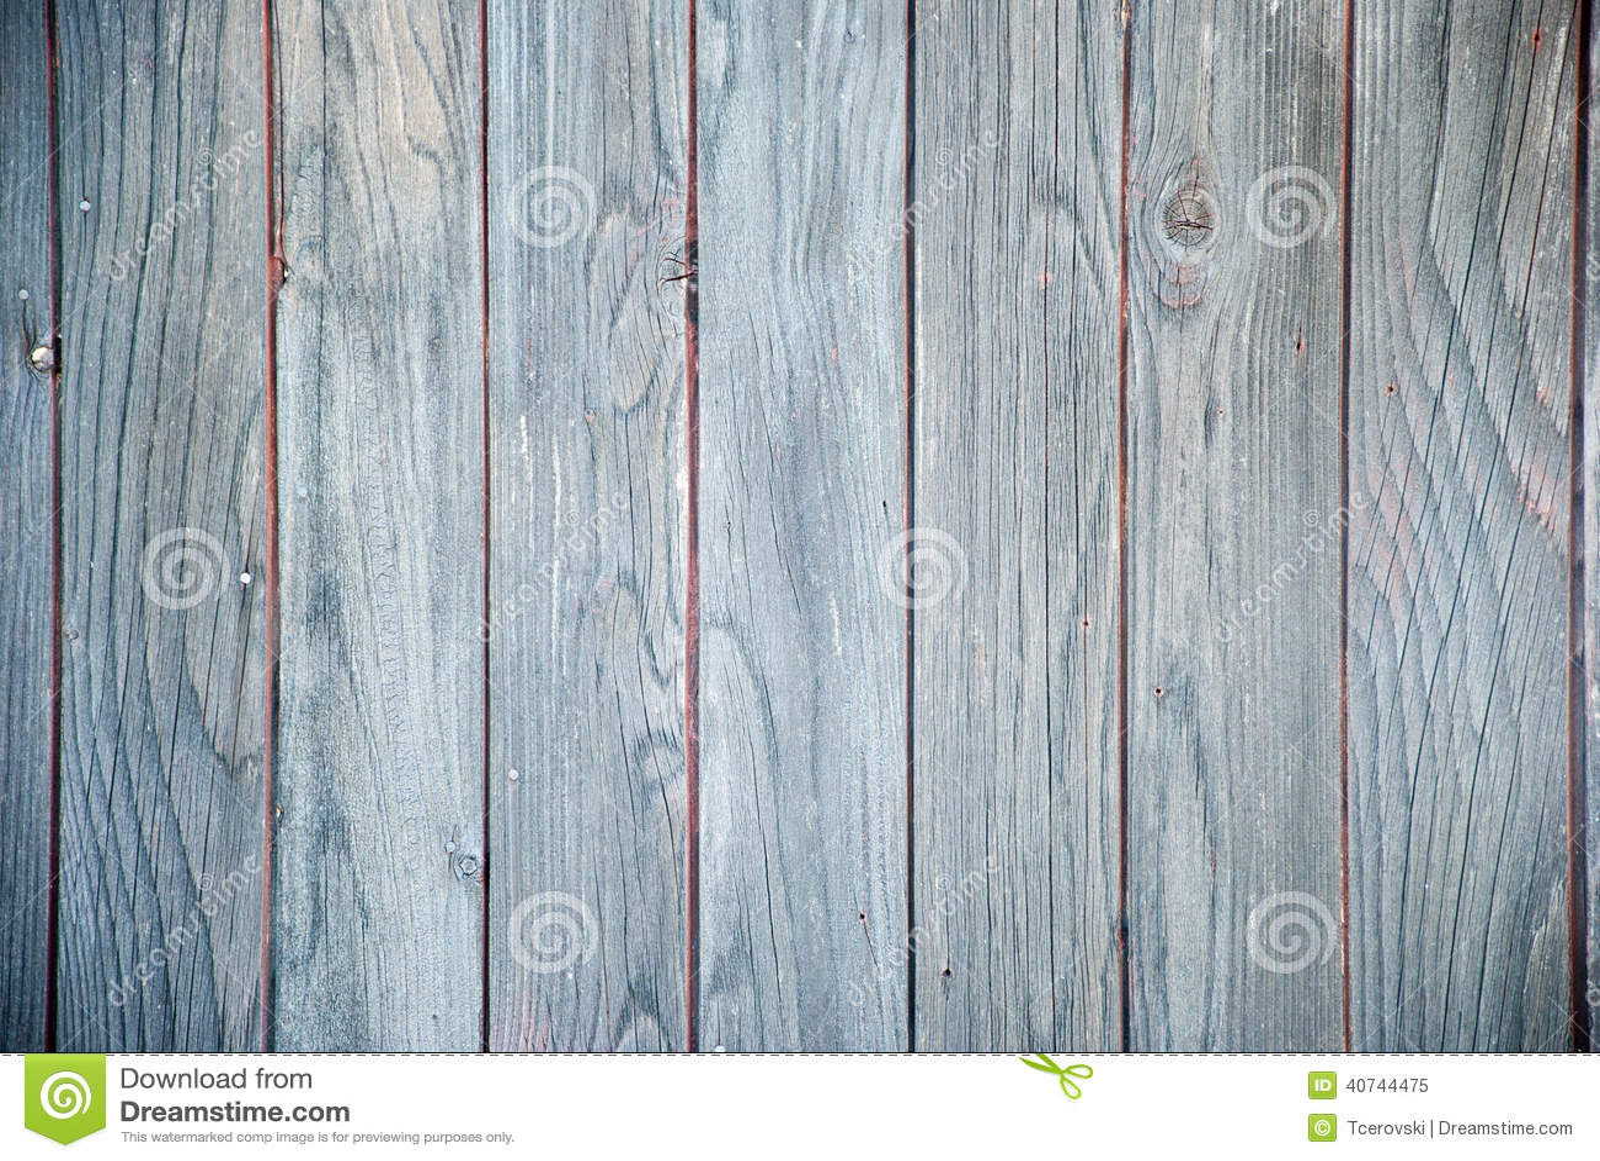 fond en bois gris de texture de mur de planche image stock image du embarquer criqu 40744475. Black Bedroom Furniture Sets. Home Design Ideas